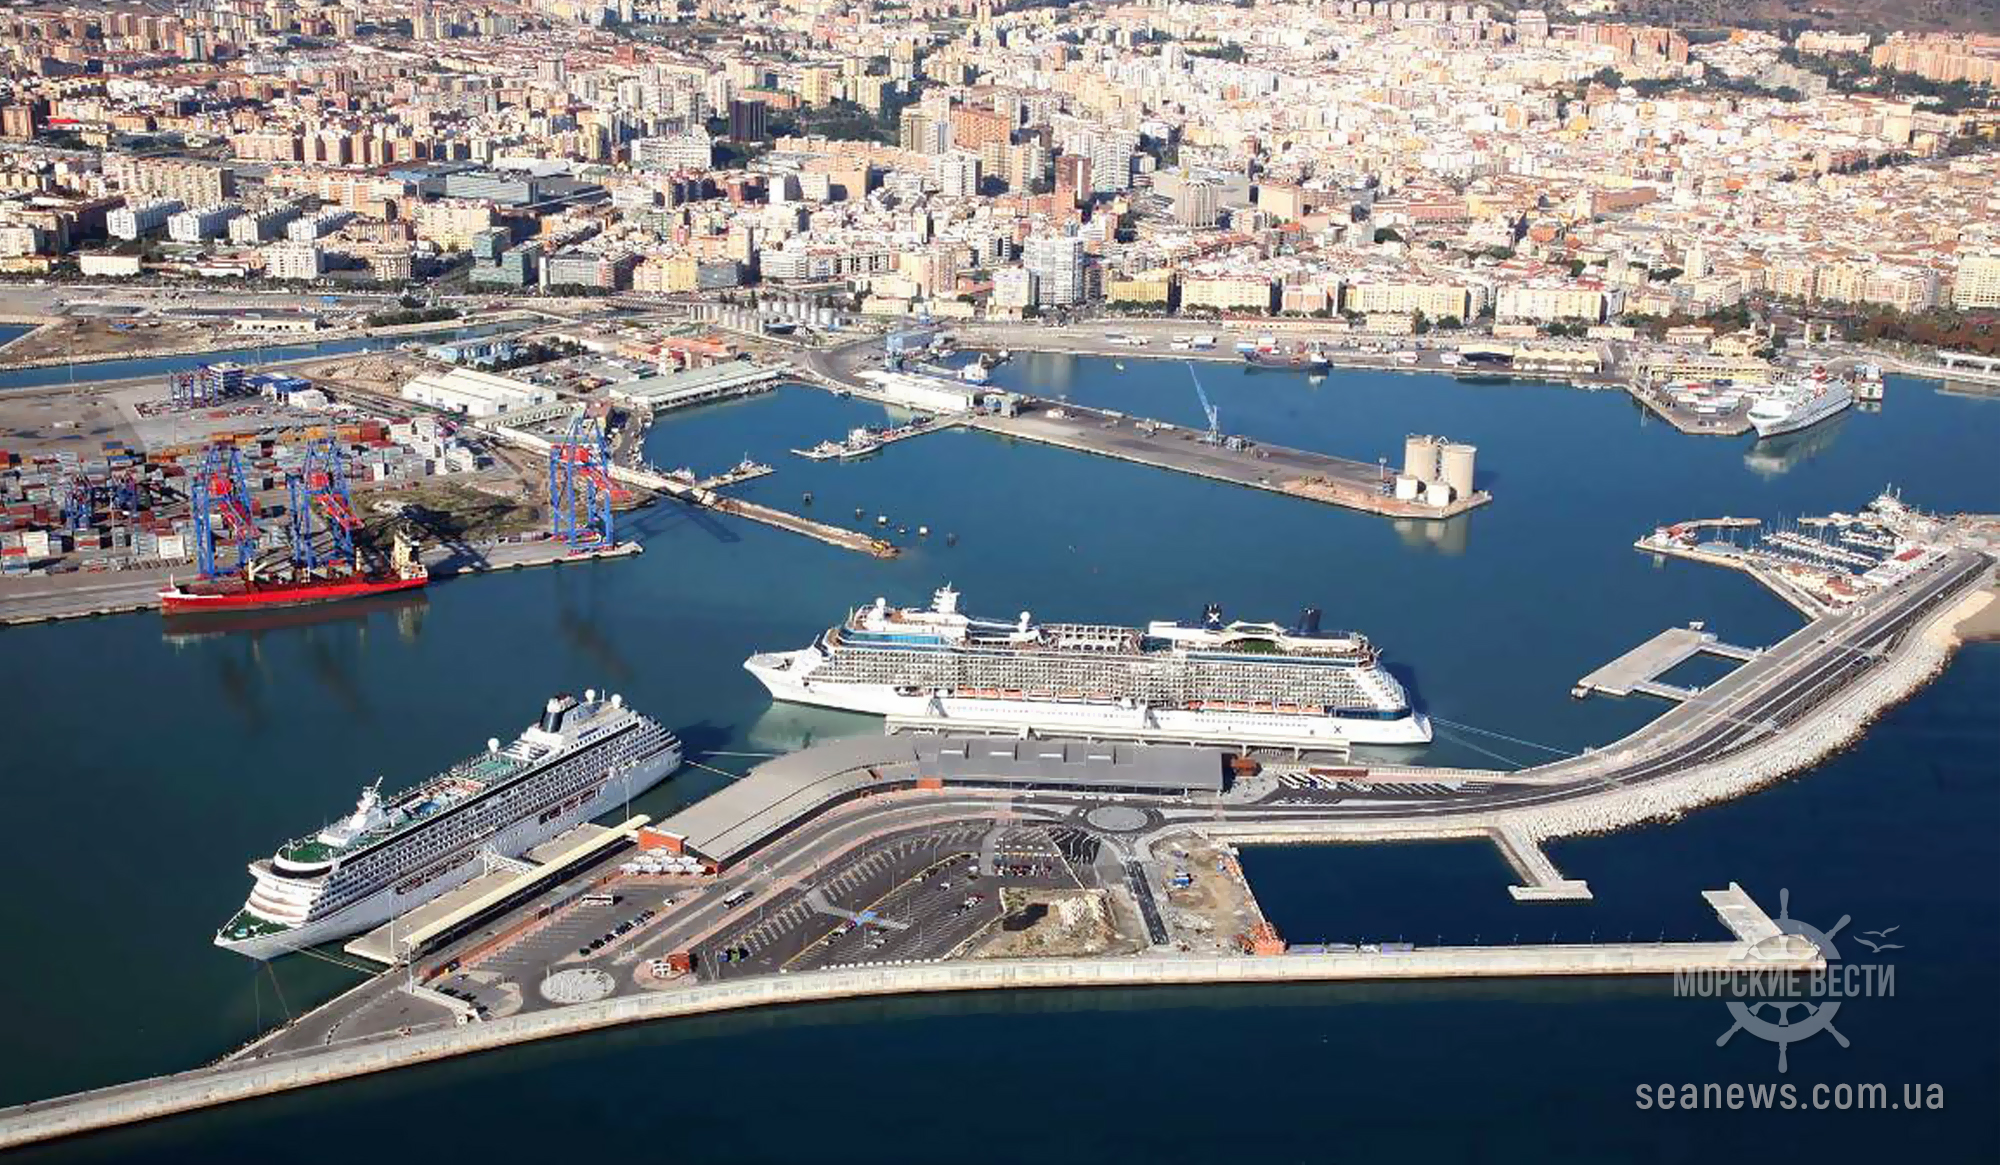 Испания открывает свои порты для круизных лайнеров